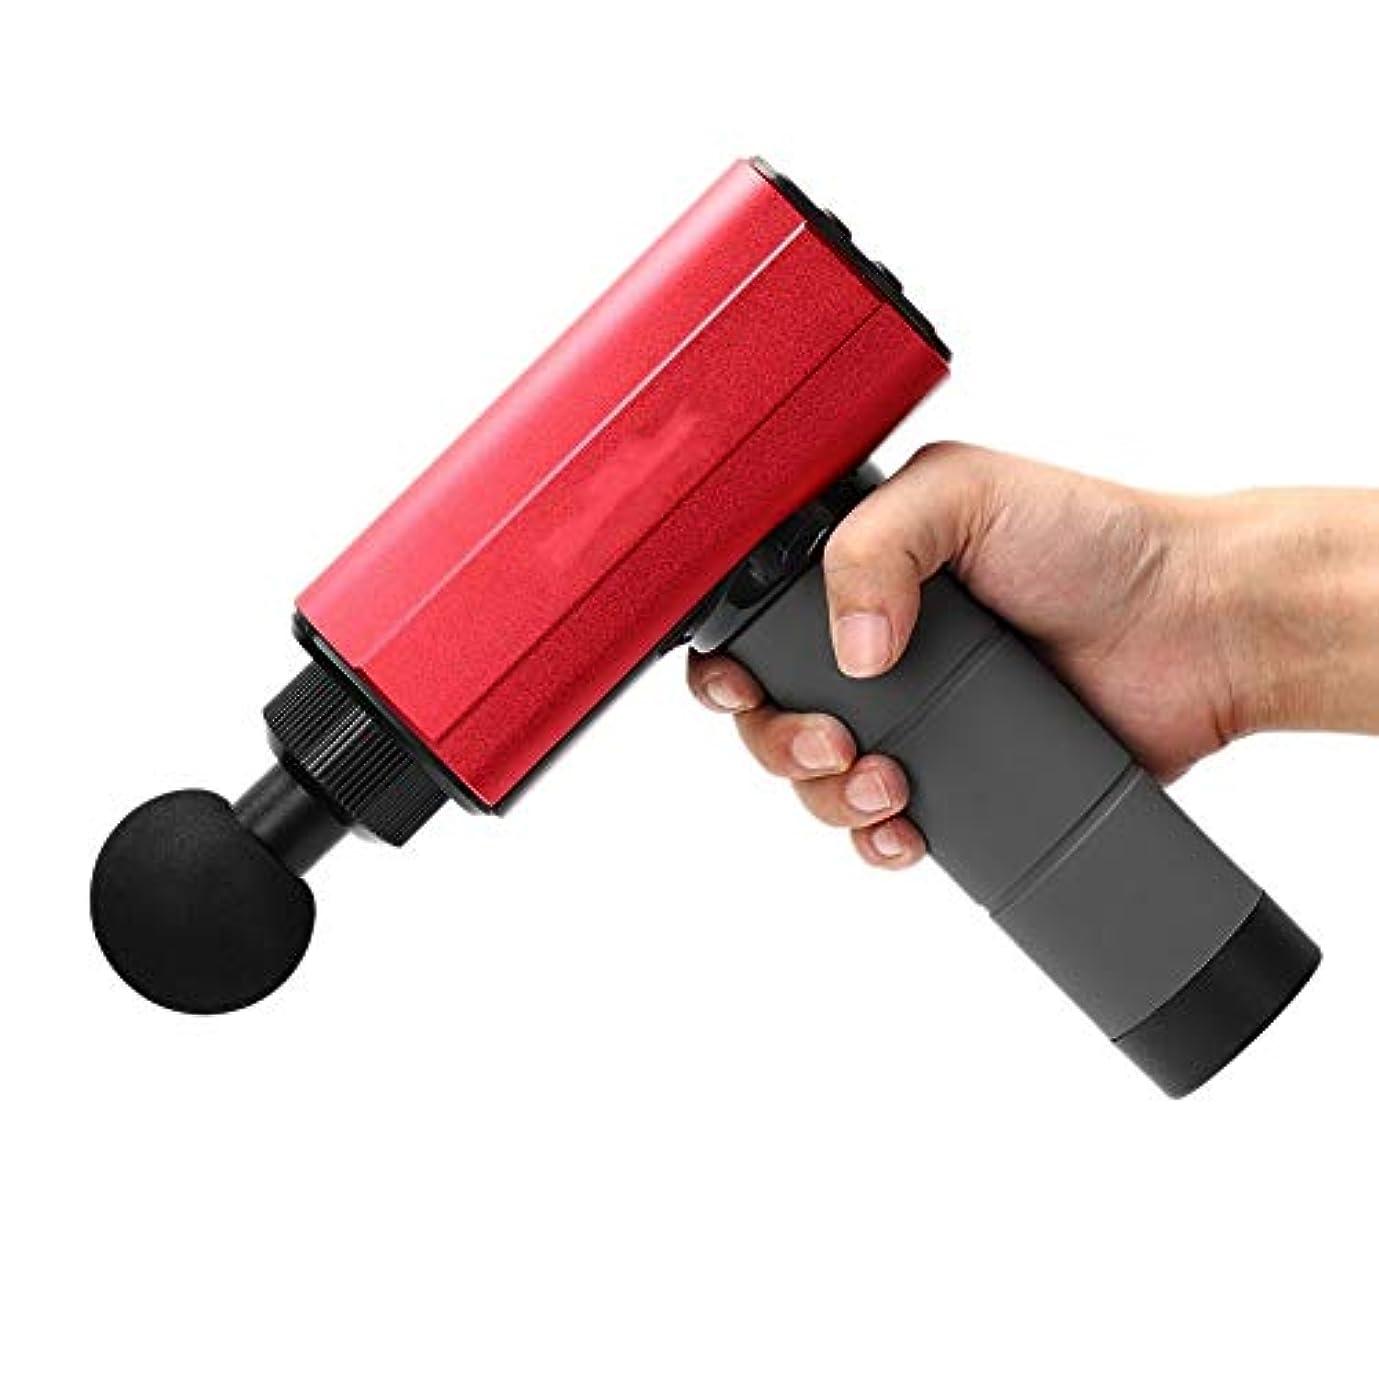 悲観主義者に丁寧手持ち型の深いティッシュ筋肉マッサージャー銃の再充電可能なマッサージ装置、体の痛みのための専門のコードレスパーカッション(US Plug)